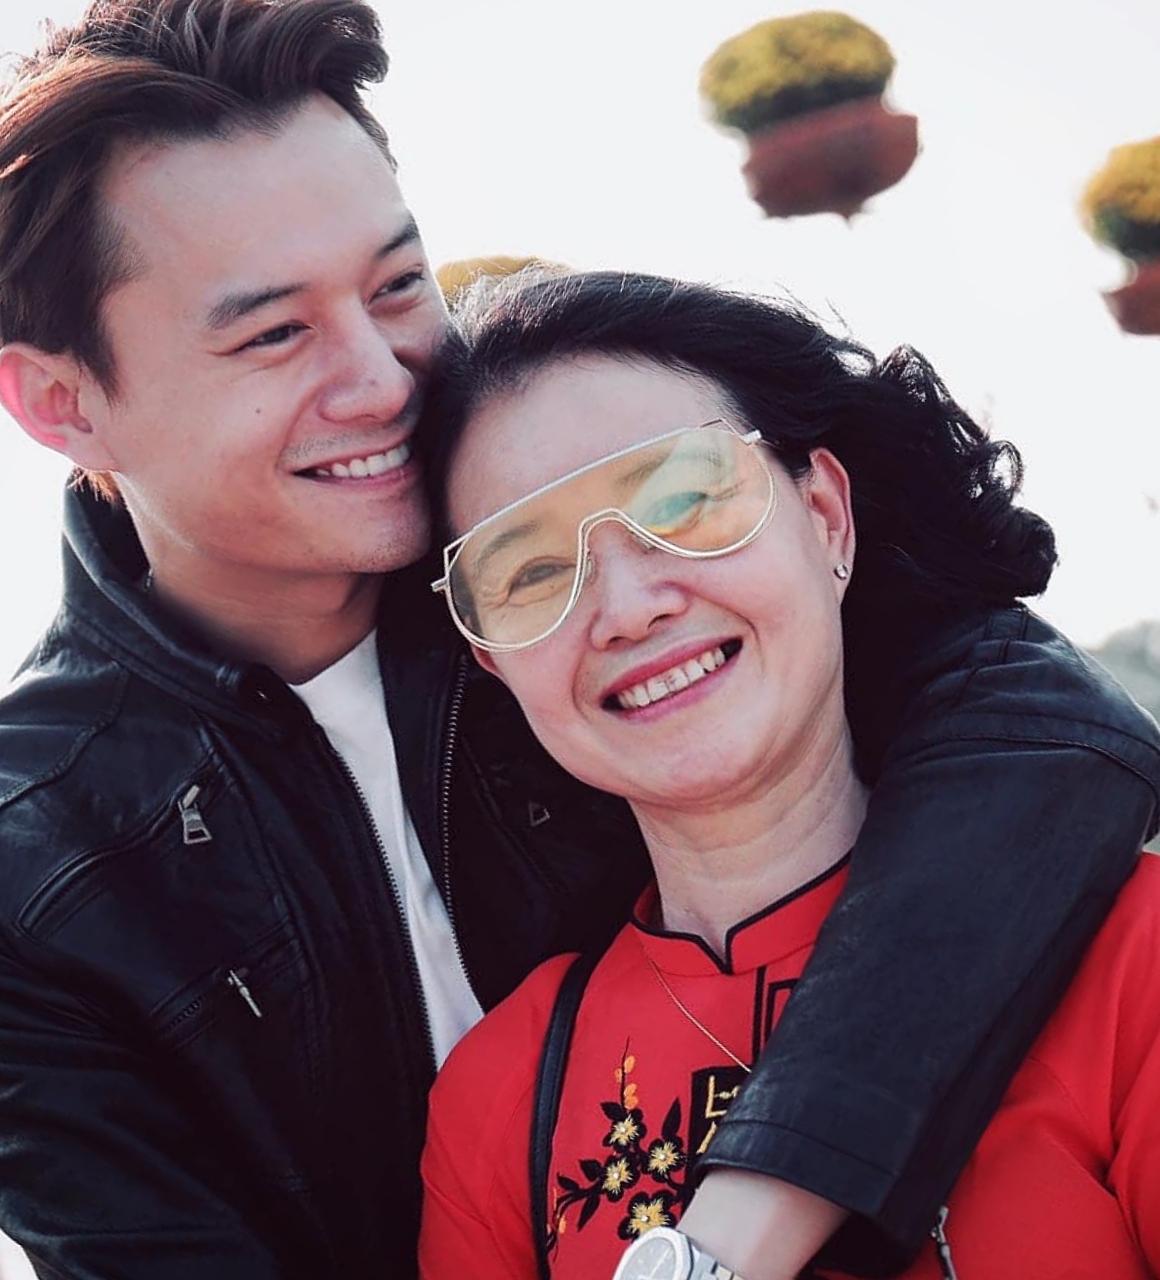 Anh Dũng tình cảm bên mẹ. Bà Quỳnh Thy được khen ngợi sang trọng, cuốn hút tuổi trung niên.